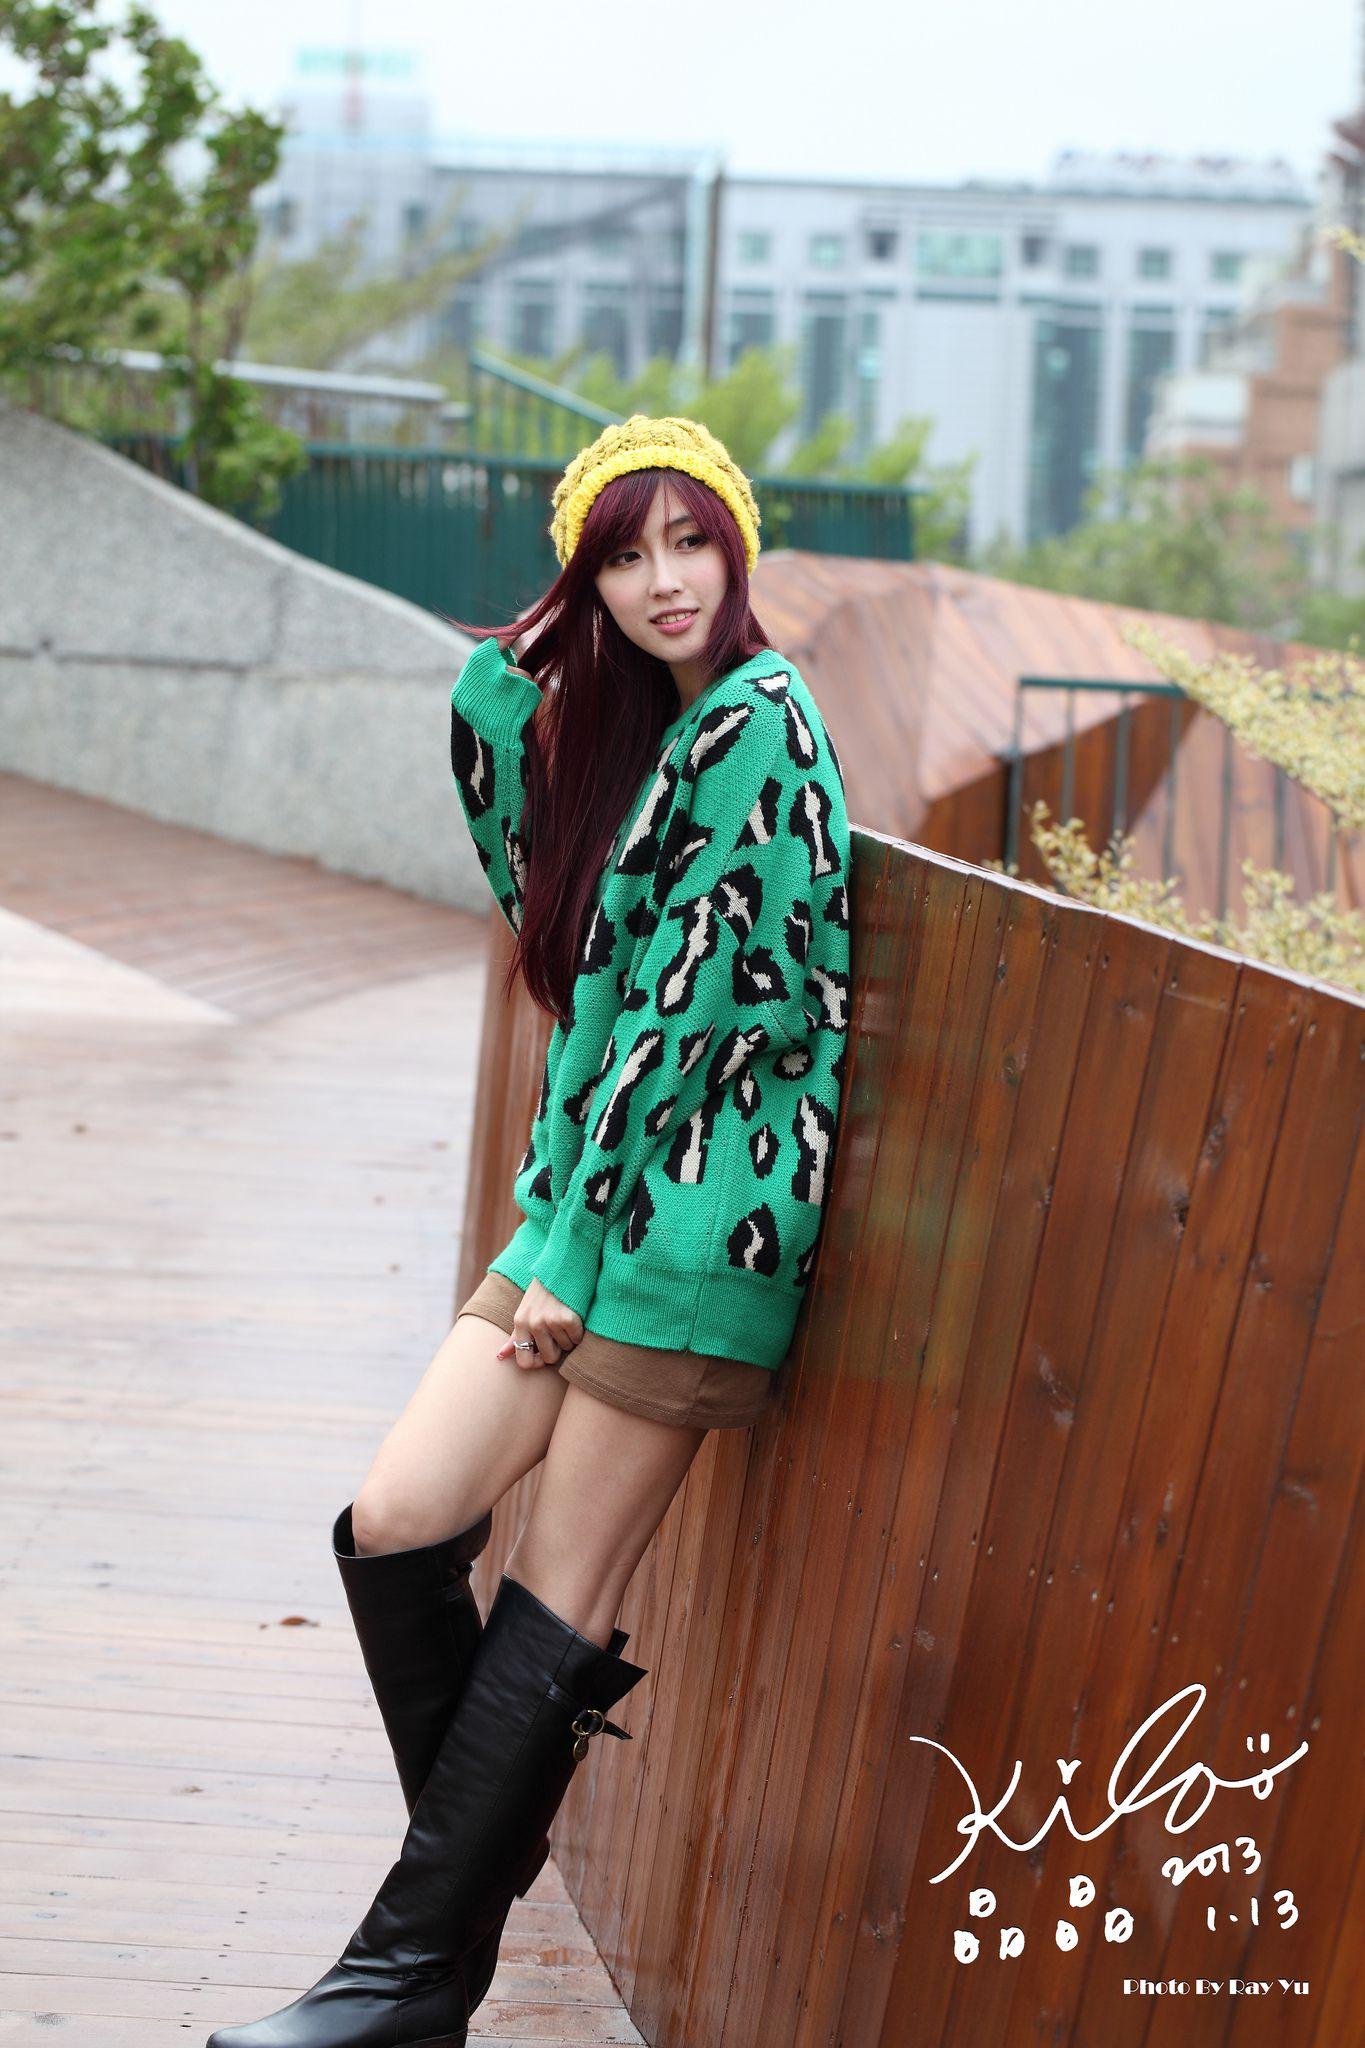 VOL.1055 [台湾正妹]街拍长发美女长靴美女:金允乔(廖挺伶,kila晶晶)高品质写真套图(84P)